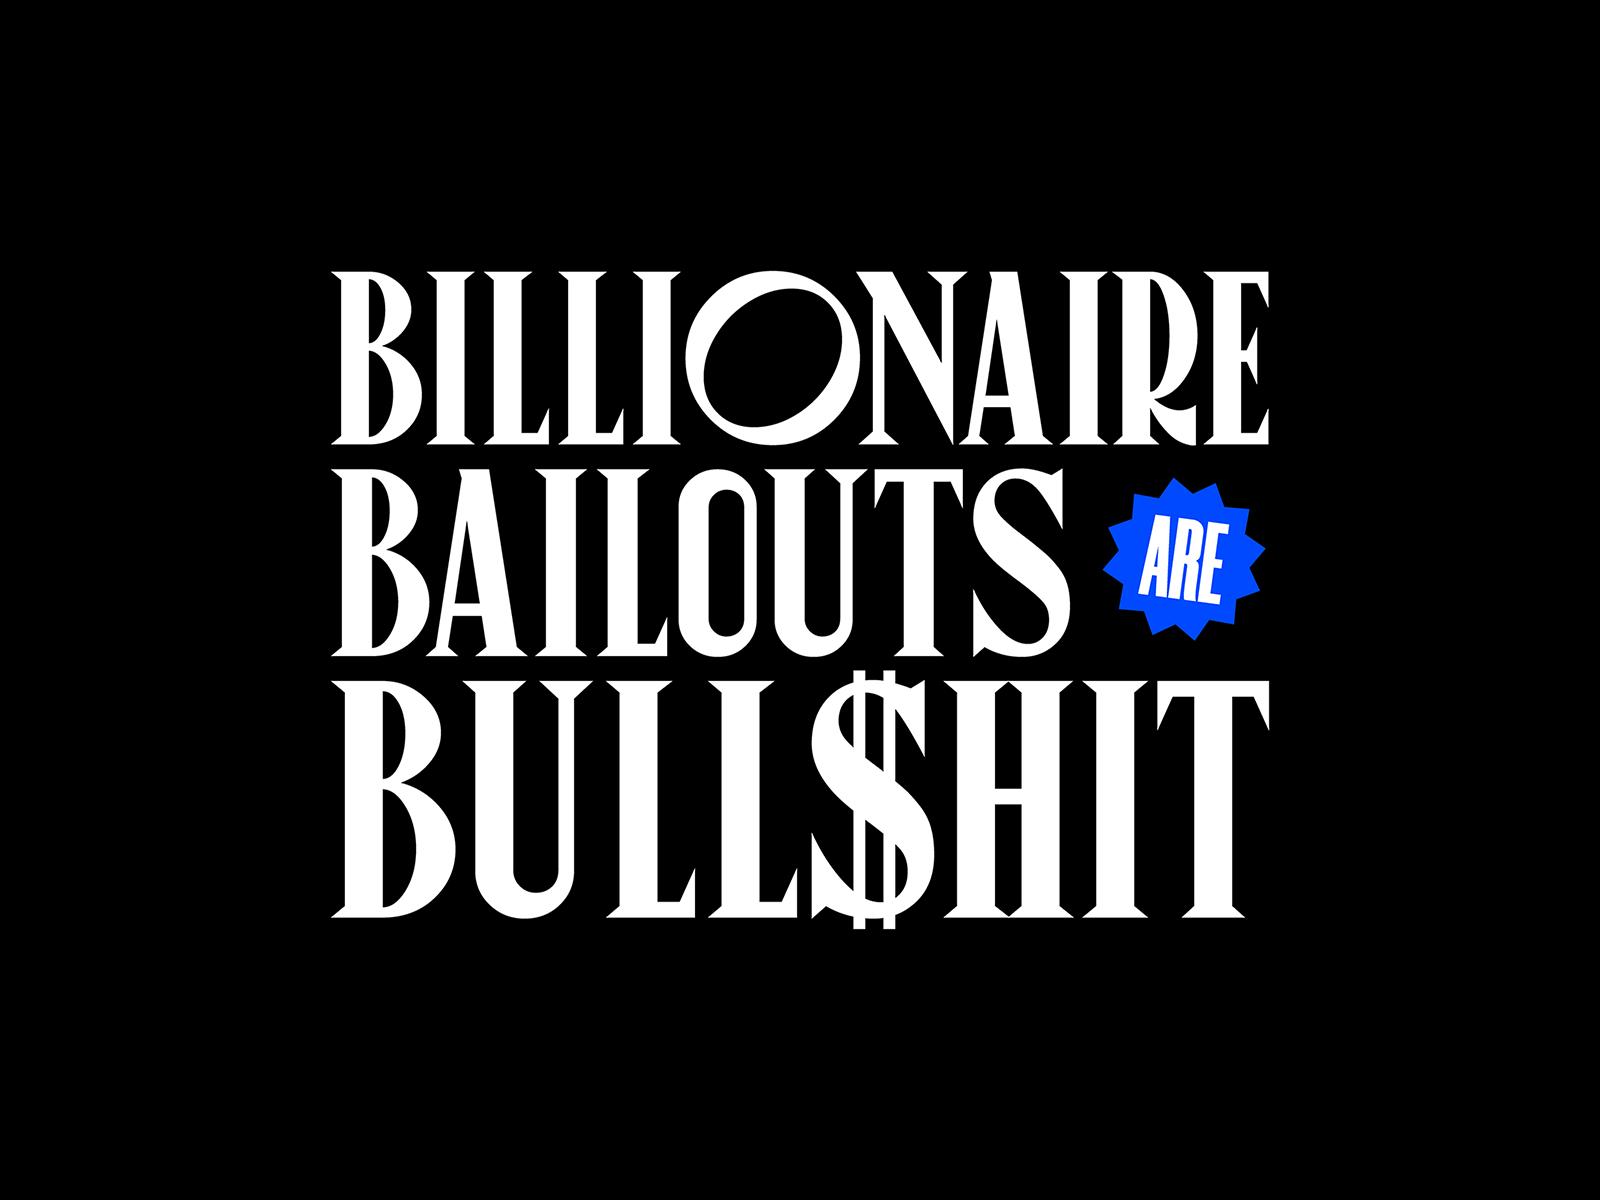 Billionaire Bailouts are Bullshit